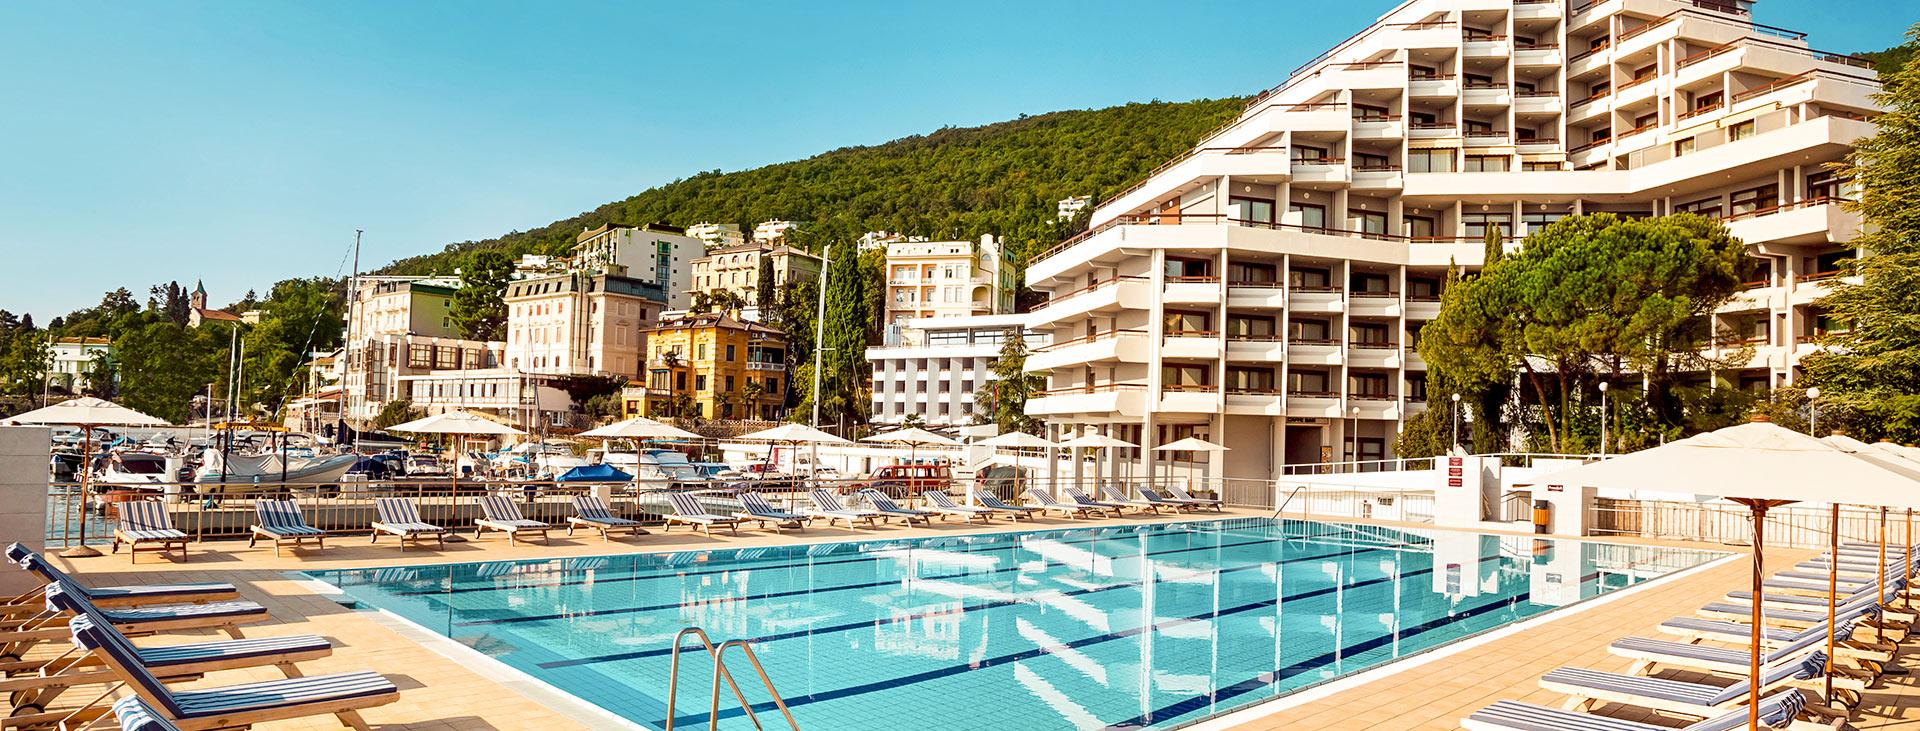 Remisens Hotel Admiral, Opatija, Istrien, Kroatien